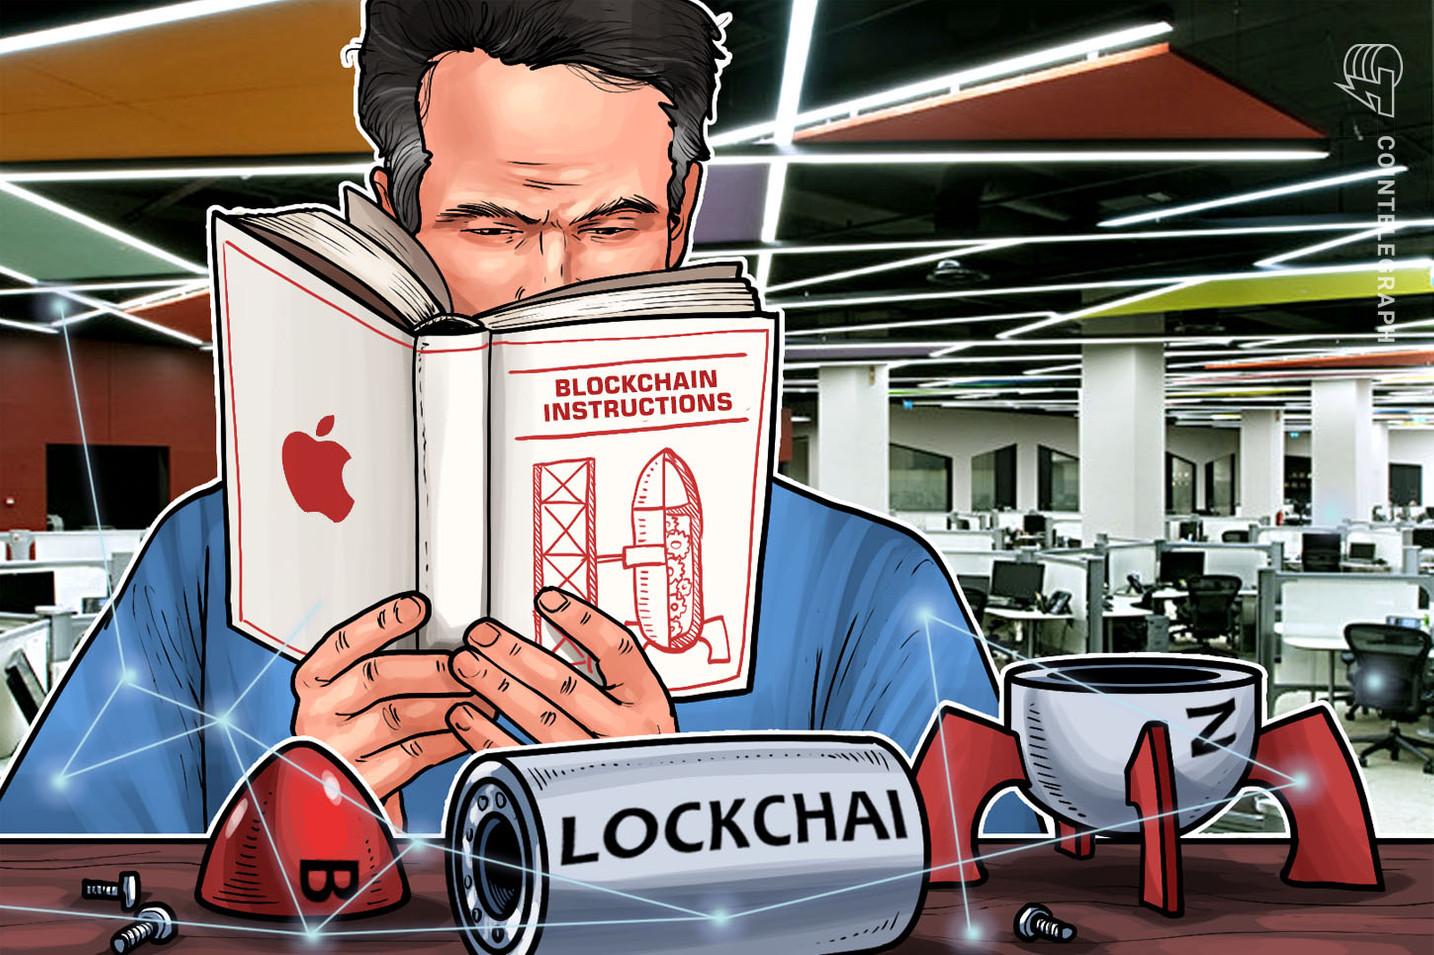 米アップル サプライチェーンでブロックチェーン活用を検討?